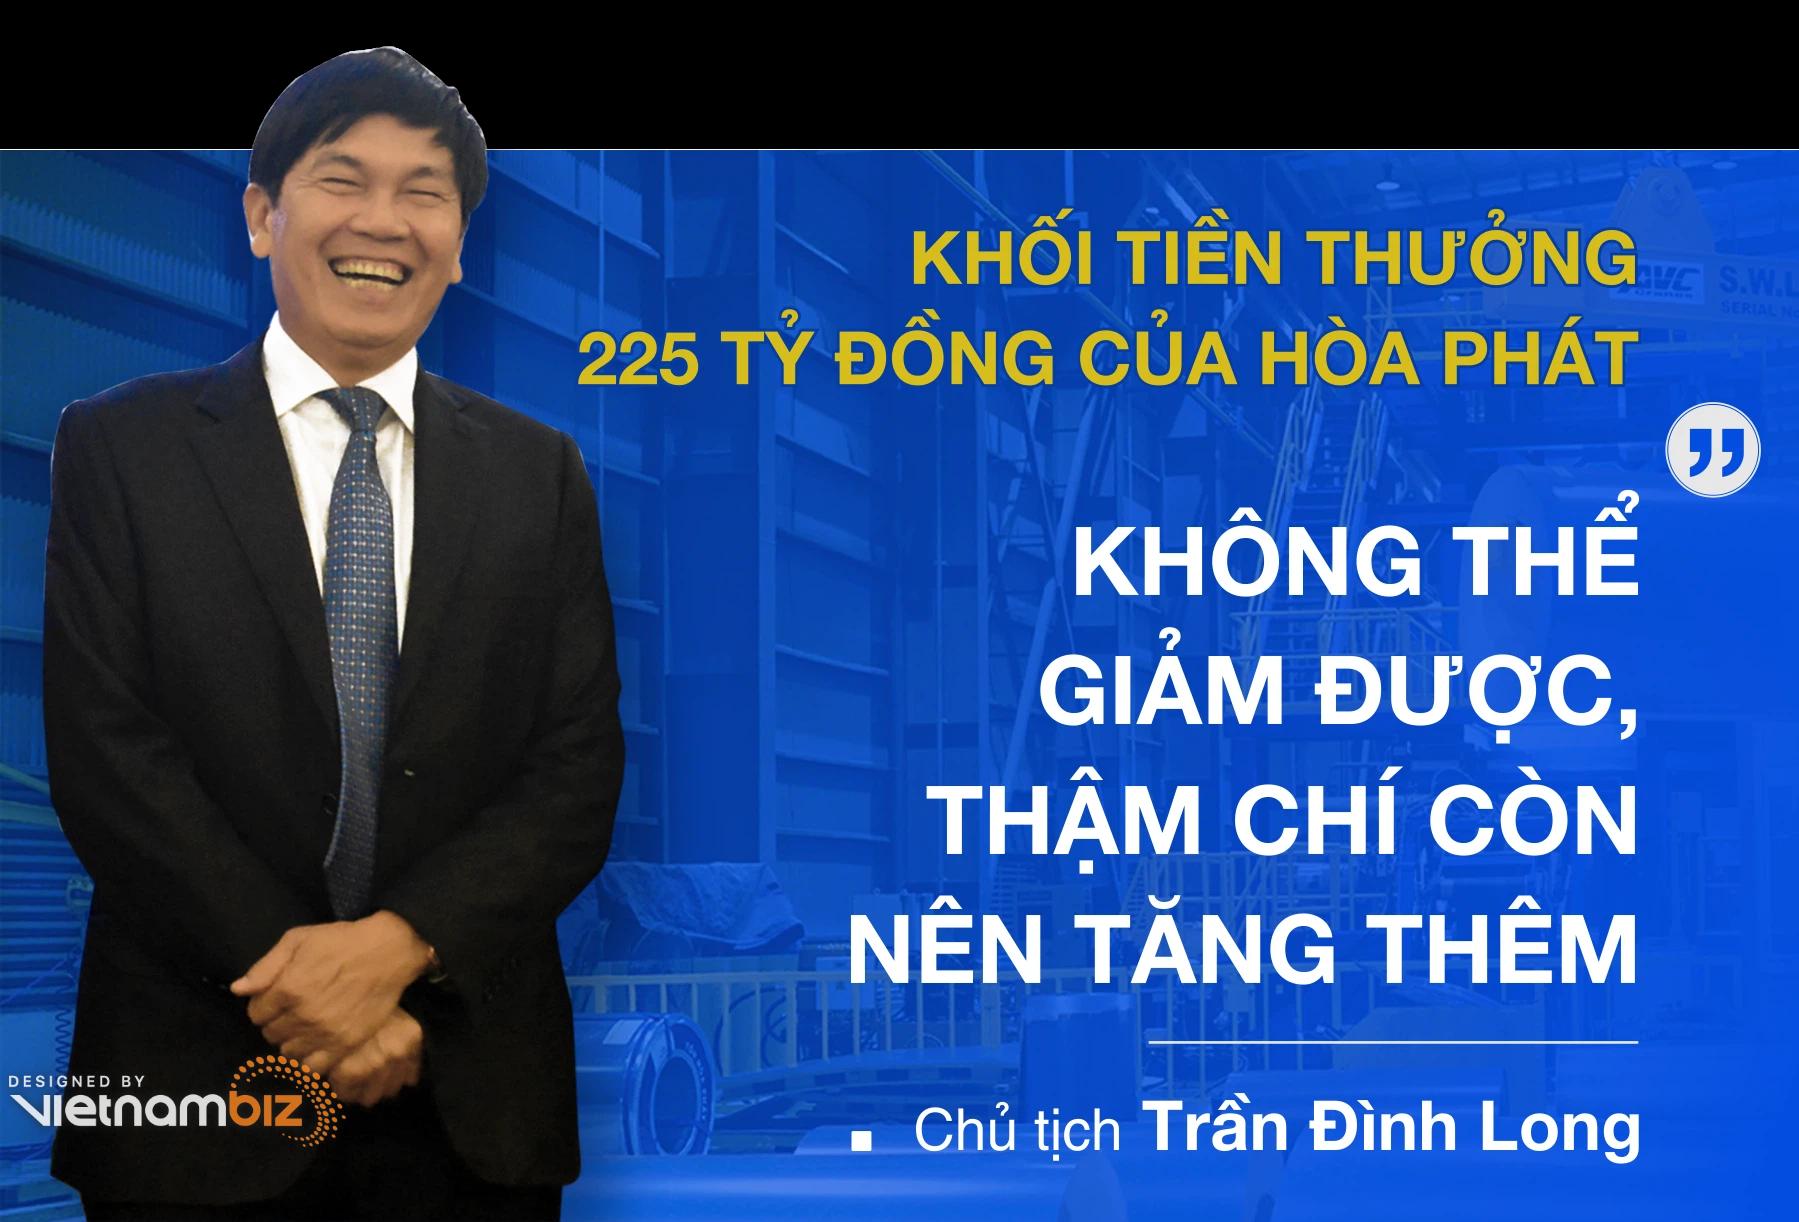 Sếp lớn Hòa Phát phân trần về khối tiền thưởng 225 tỷ đồng - Ảnh 3.